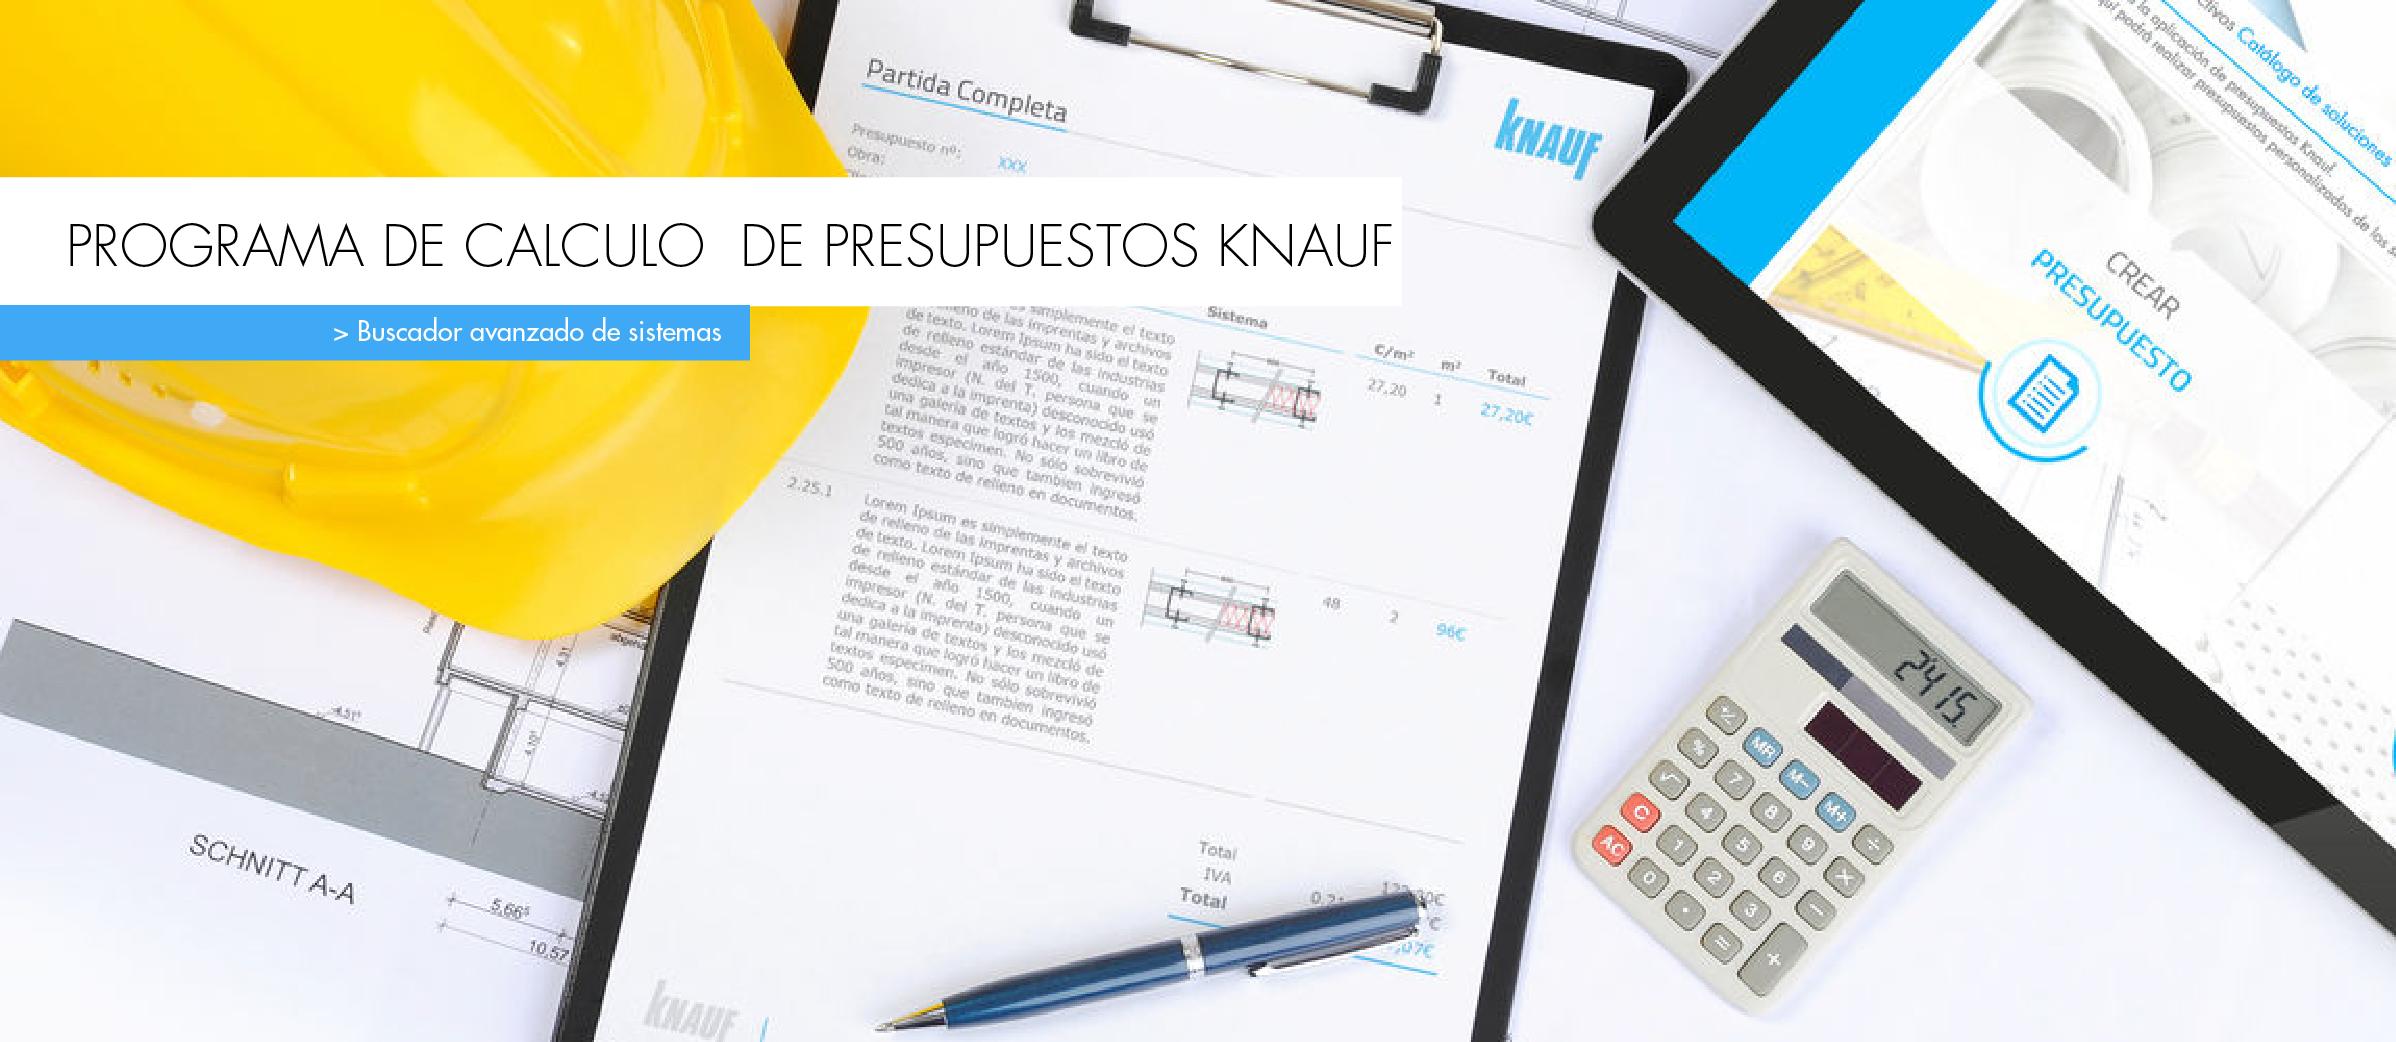 https://www.knauf.es/sites/default/files/revslider/image/Cabecera%20Presupuestos%20ESP_Mesa%20de%20trabajo%201_Mesa%20de%20trabajo%201.png